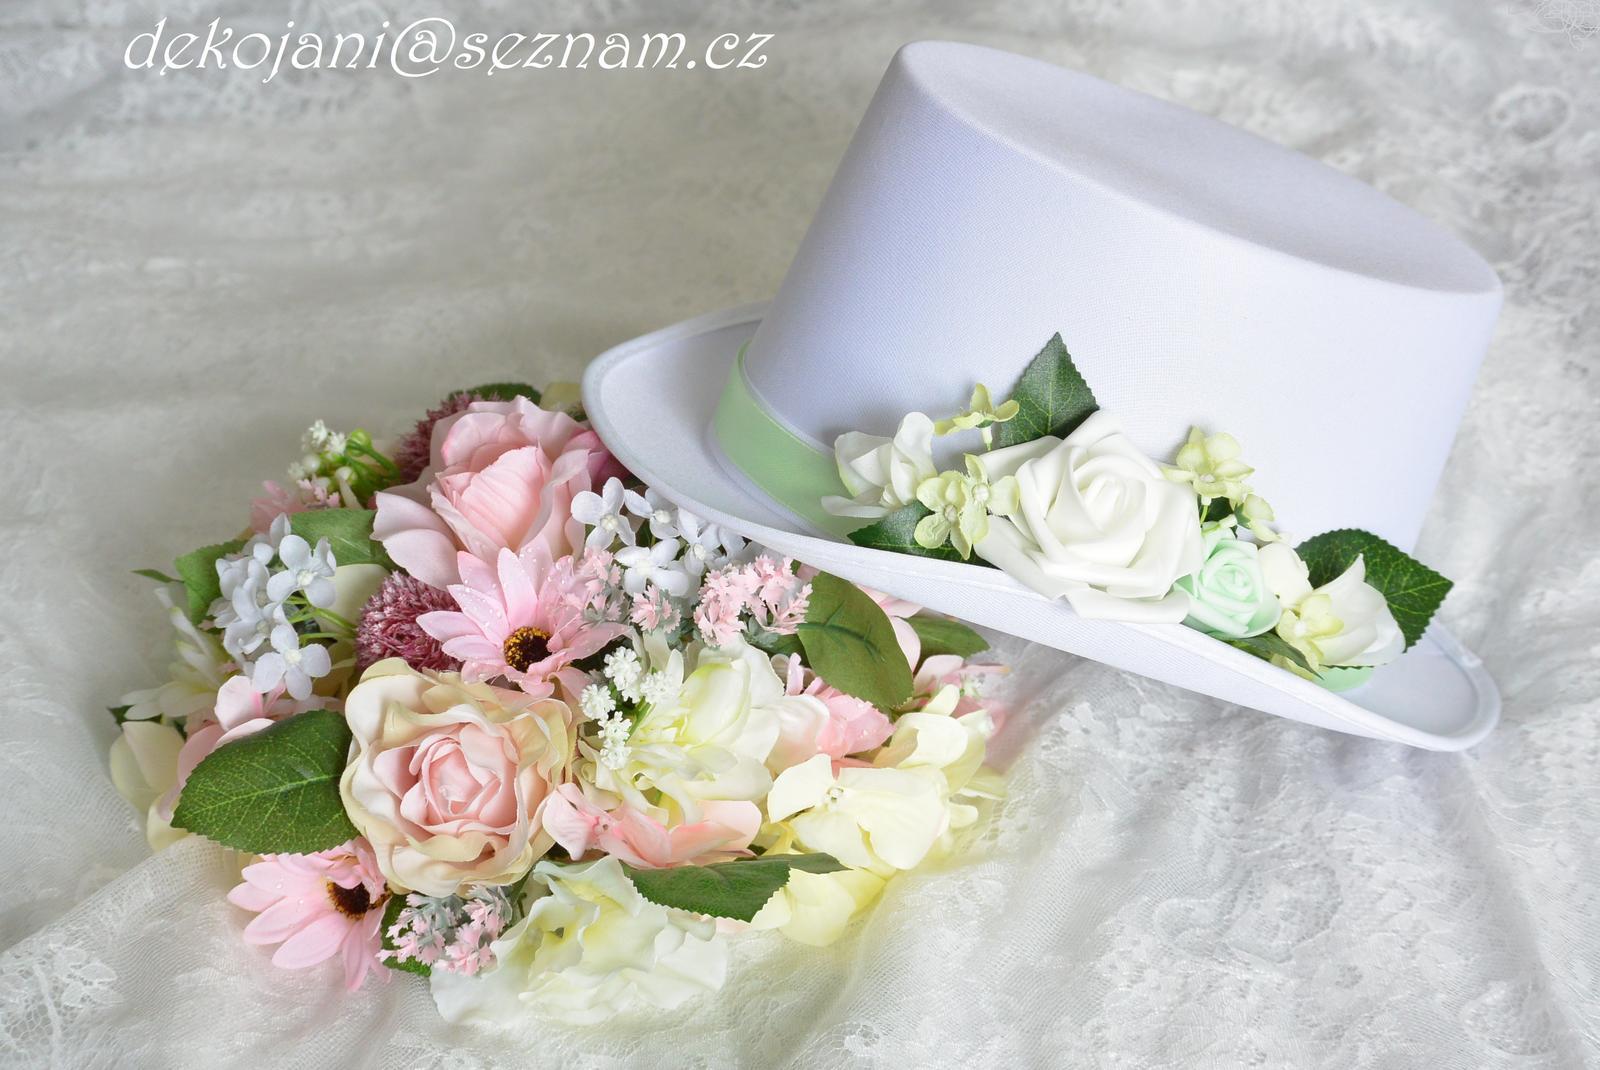 Luxusní svatební doplňky a dekorace. - Obrázek č. 62